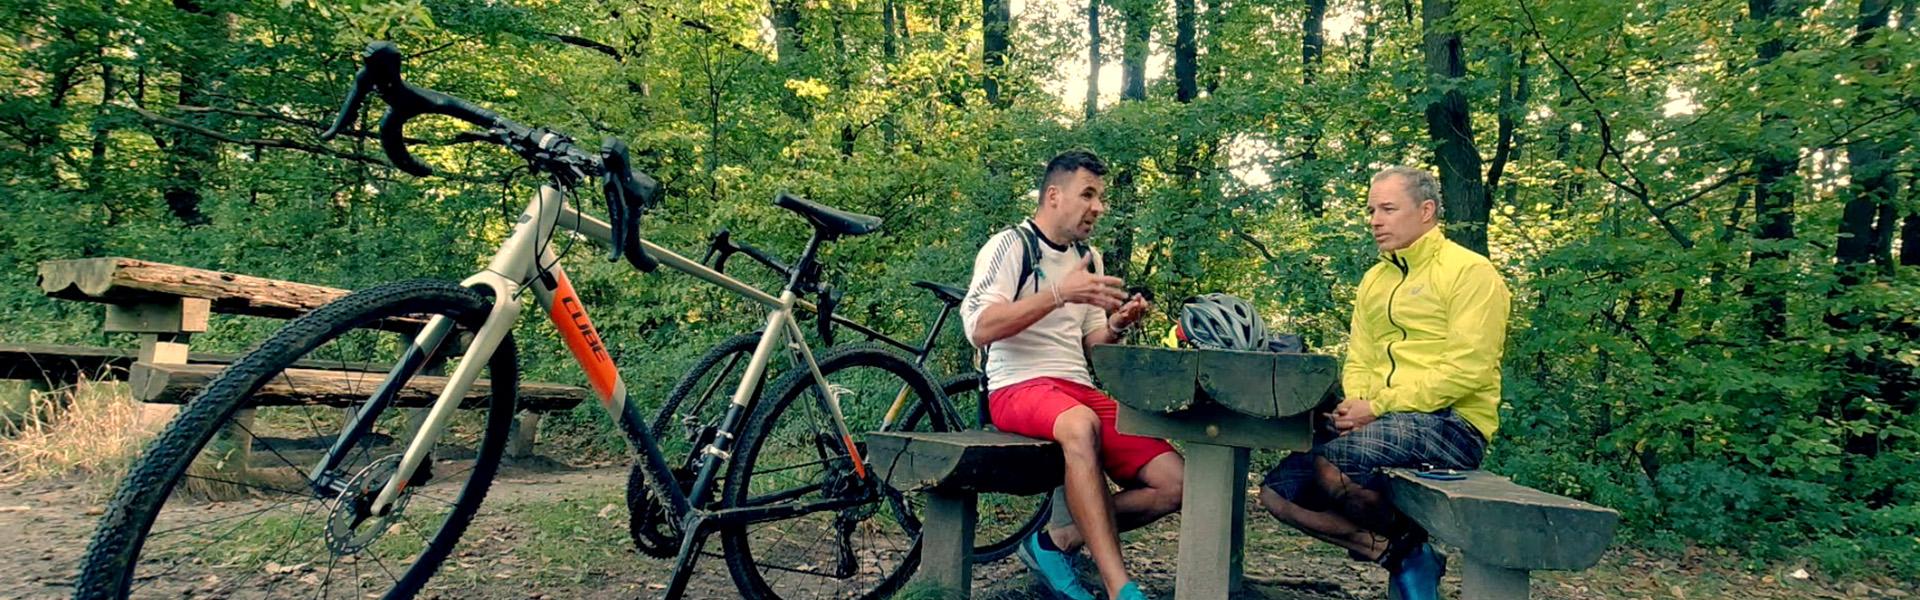 Melyik gravel kerékpárt válasszam? Milyen gravel kerékpár való nekem?